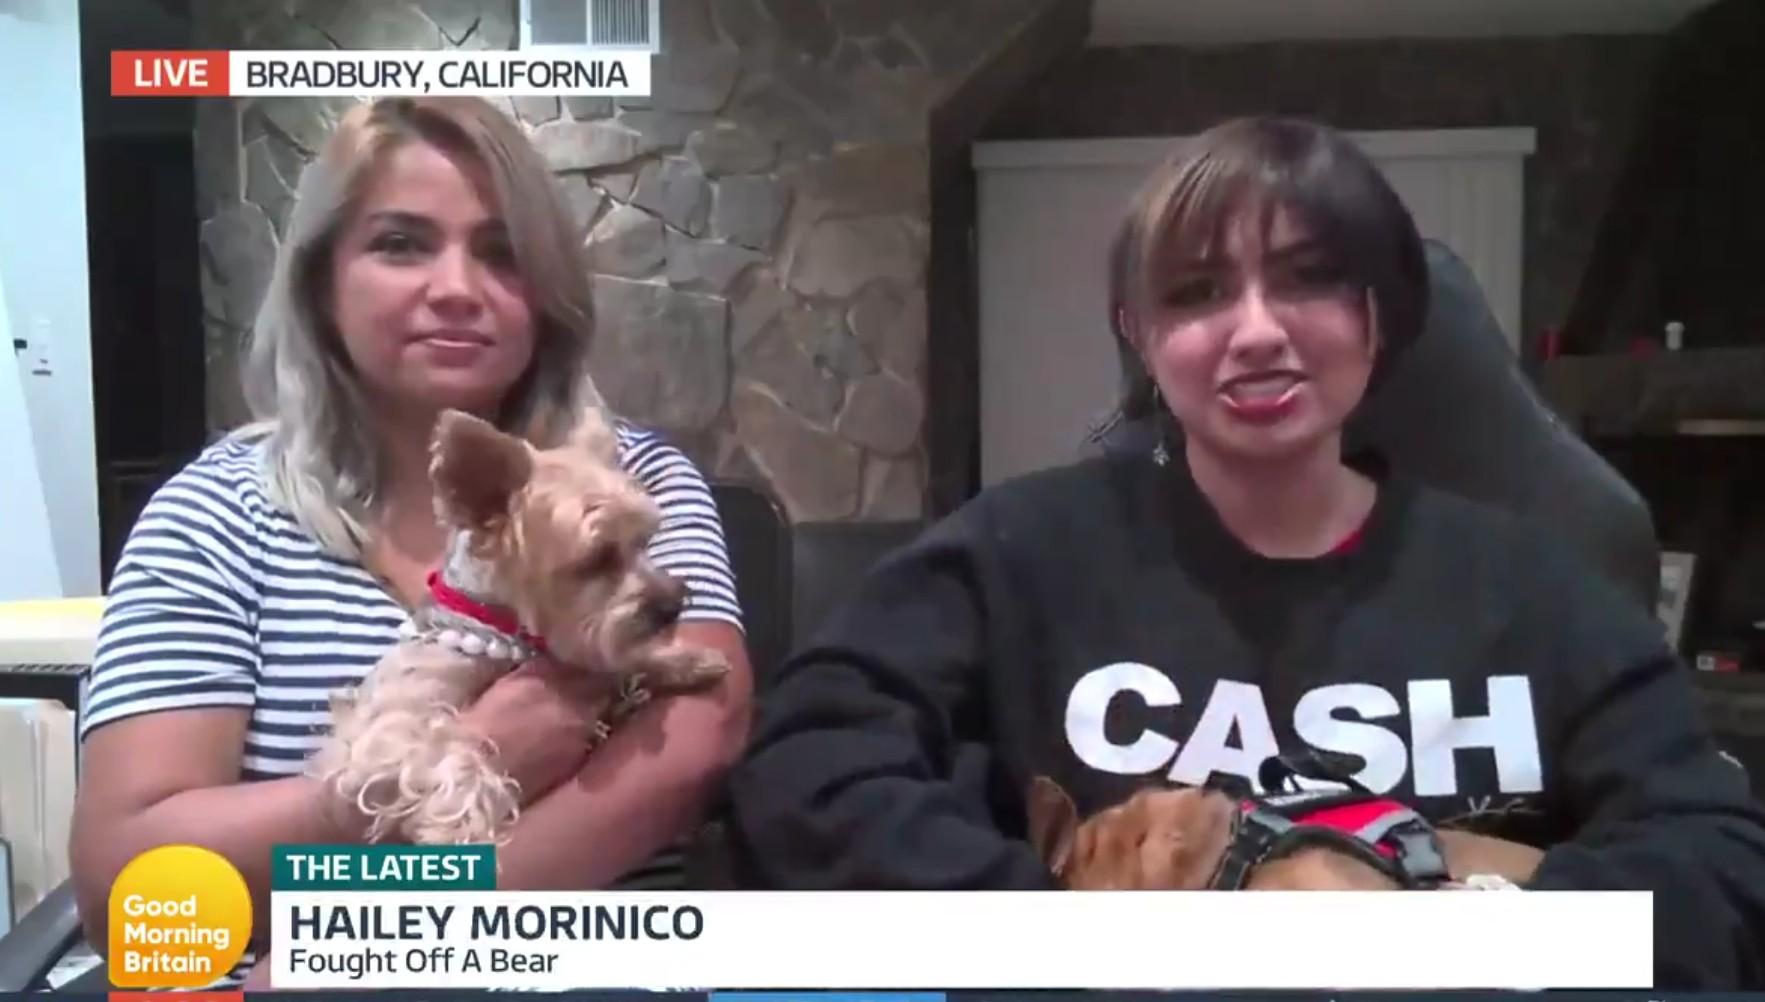 Hailey Morinico: Fought Off A Bear